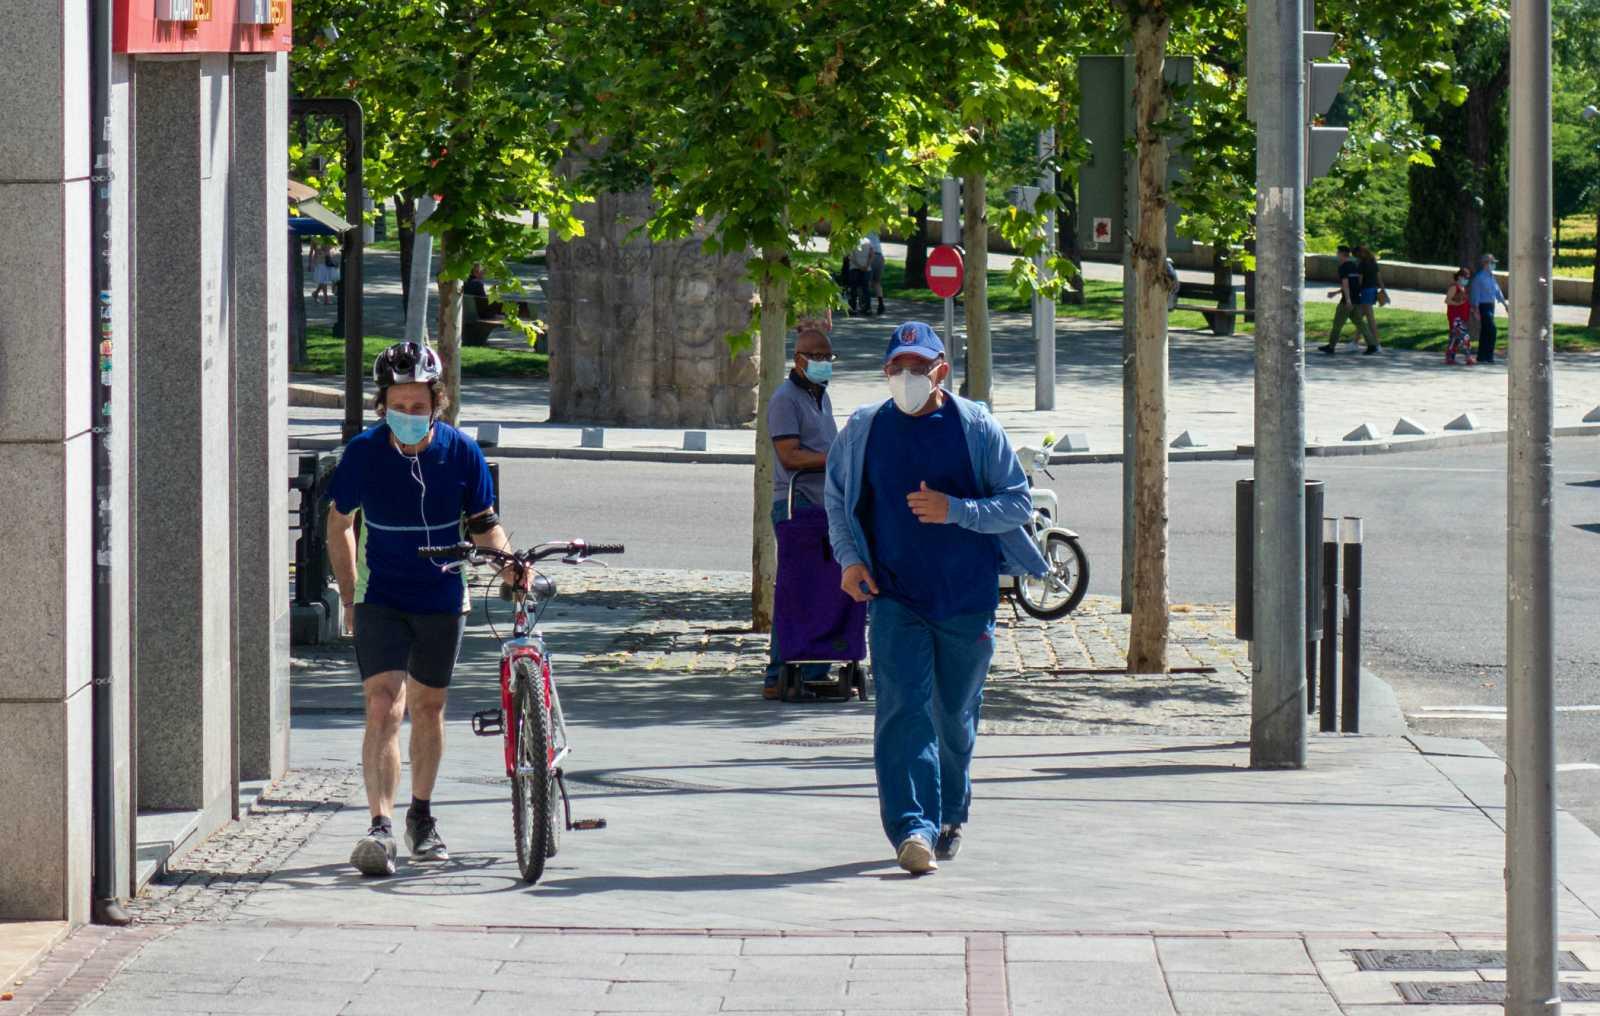 14 horas - Sanidad confirma que hay 73 brotes activos en España - Escuchar ahora